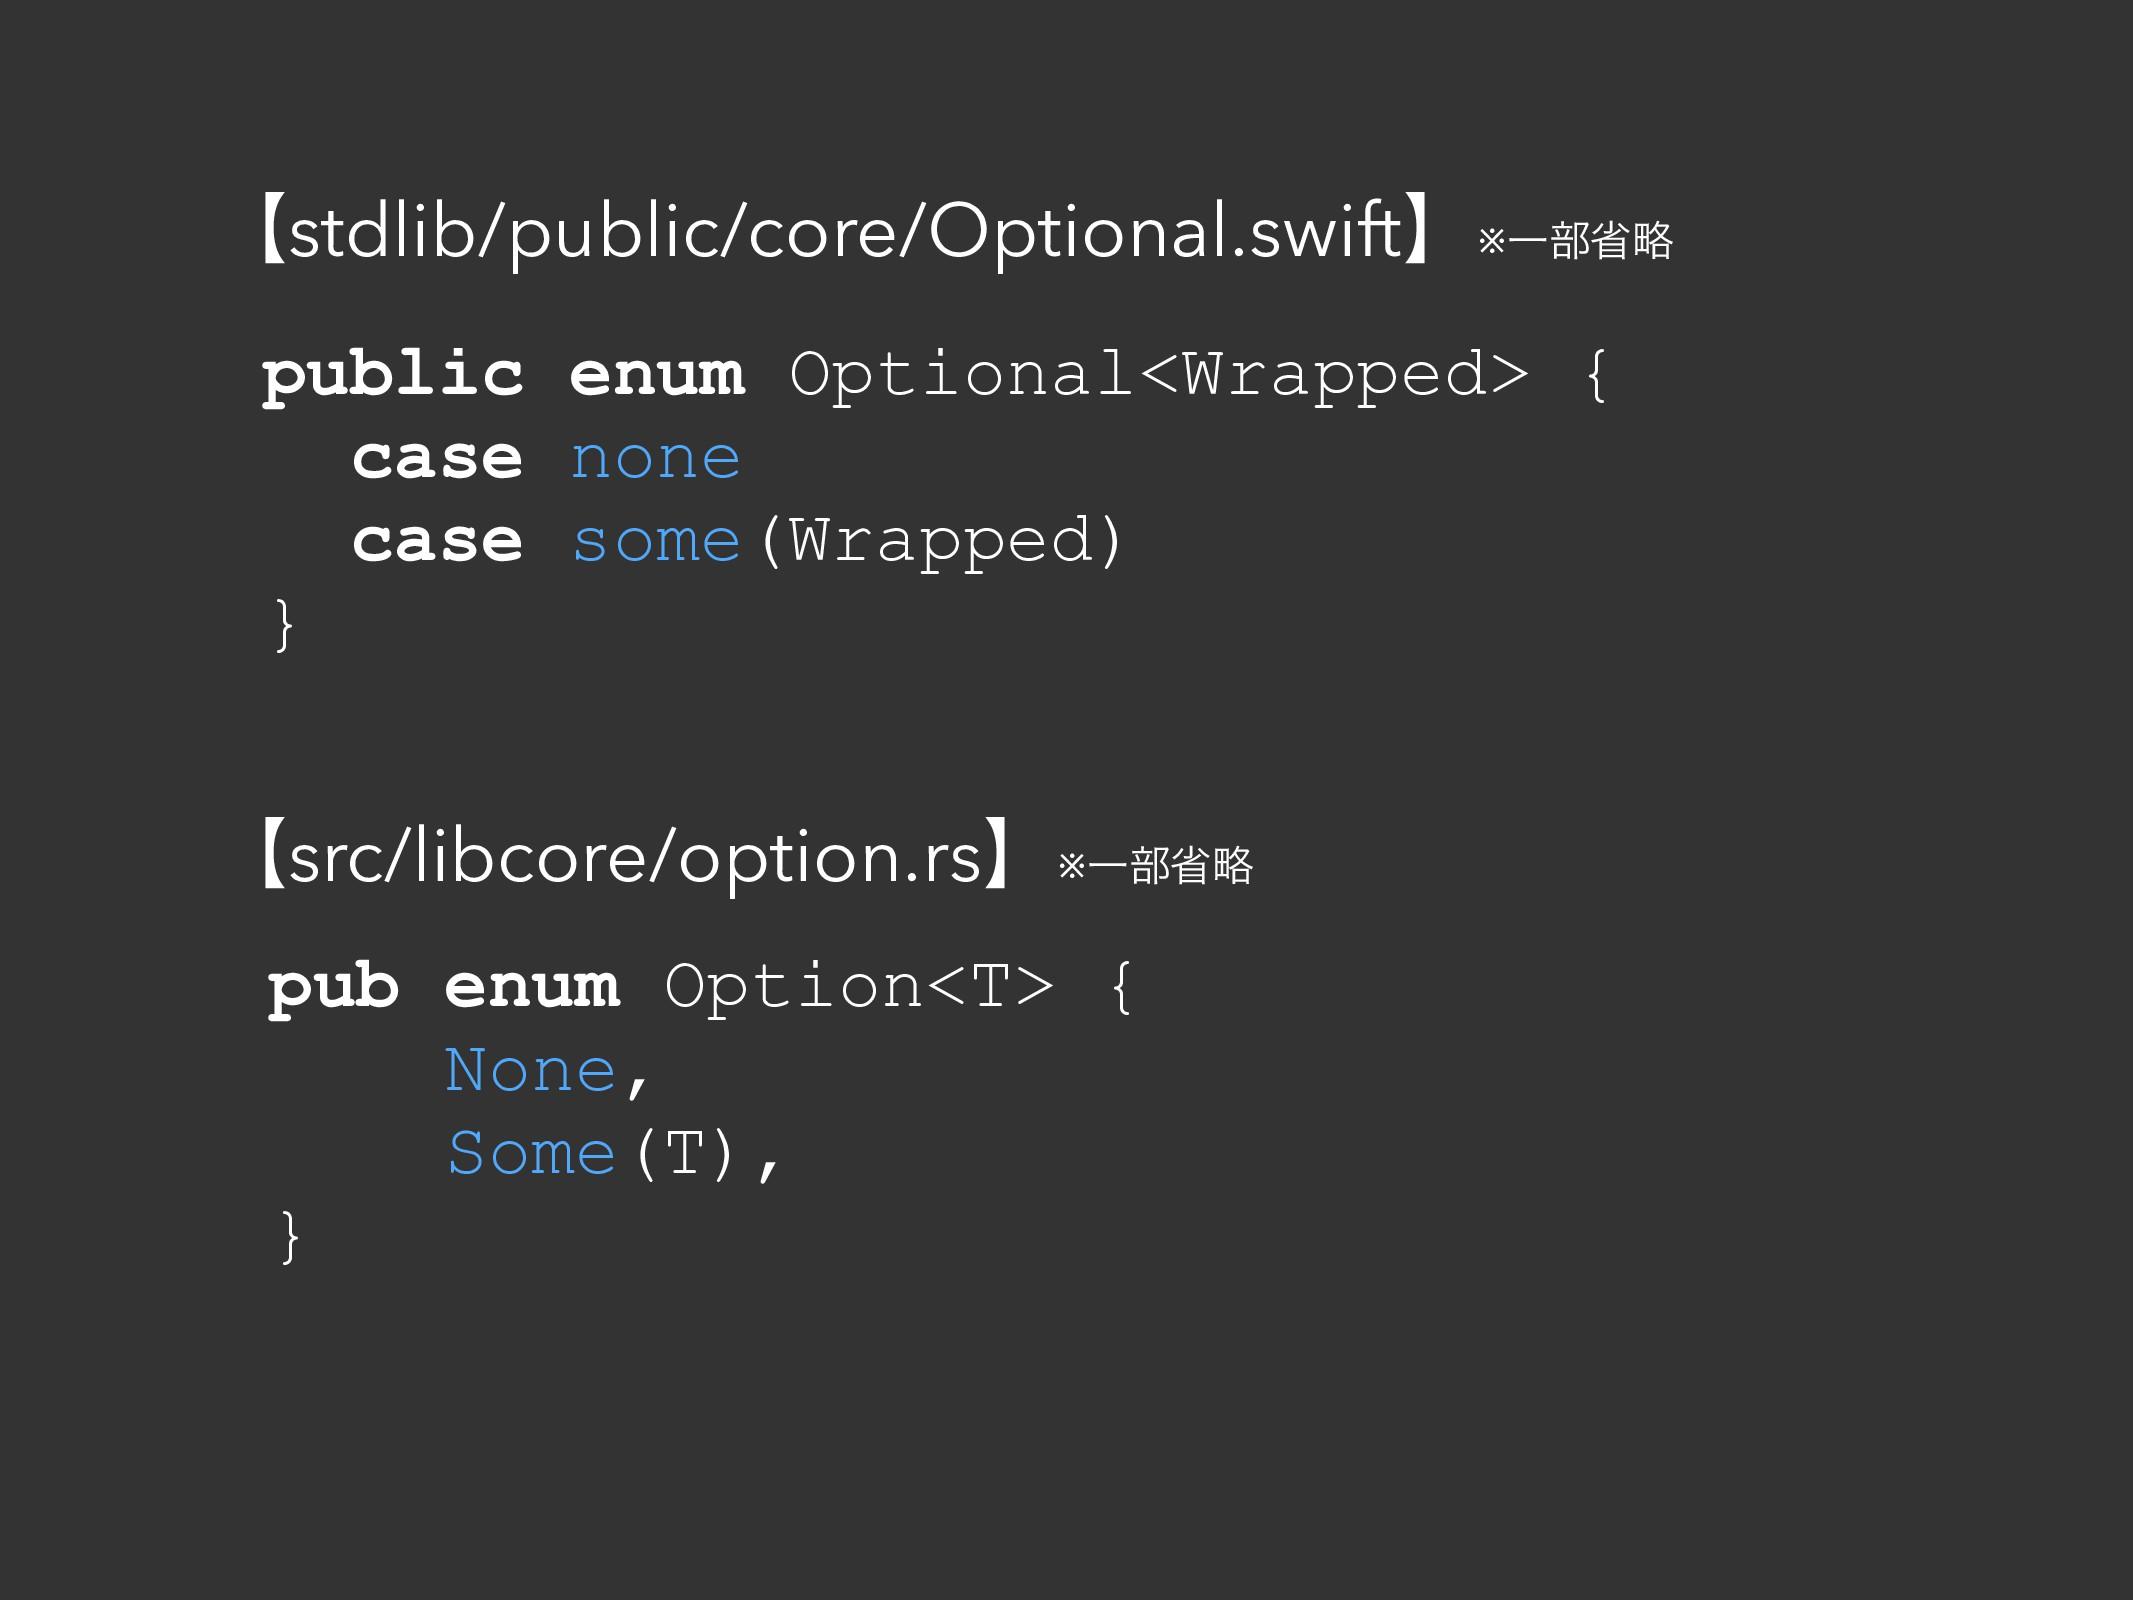 ʲstdlib/public/core/Optional.swiftʳ※Ұ෦লུ public...